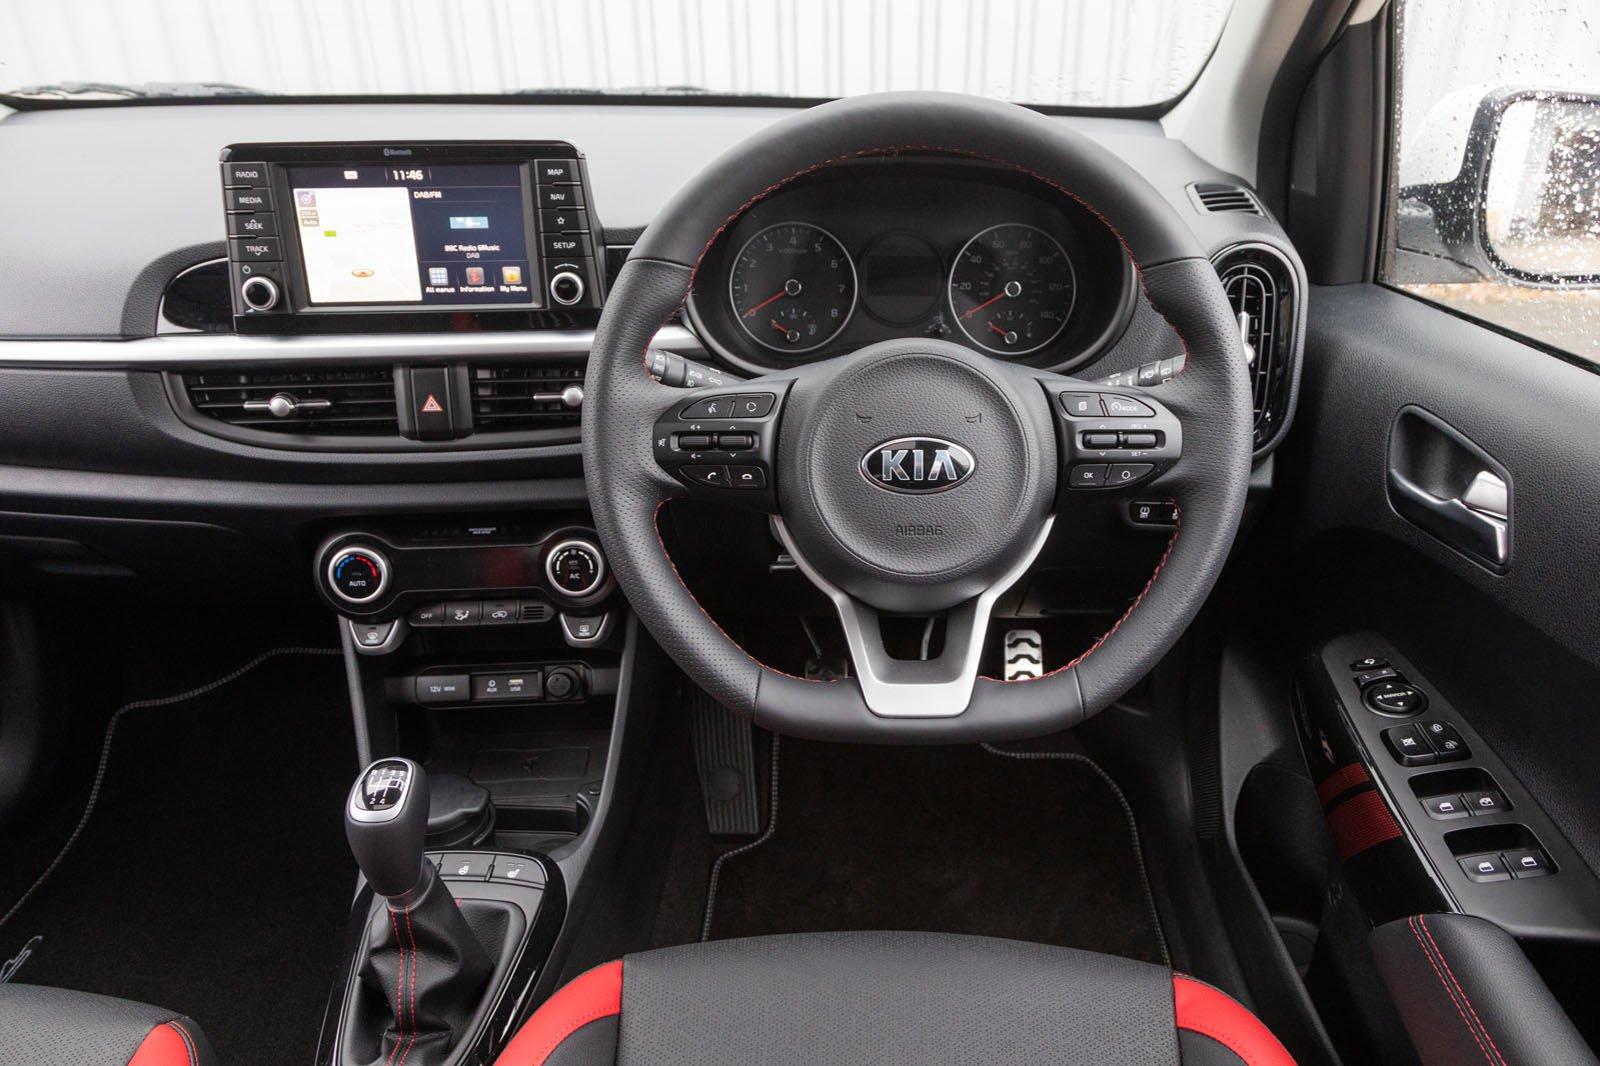 2018 Kia Picanto 1.0 T-GDi dash